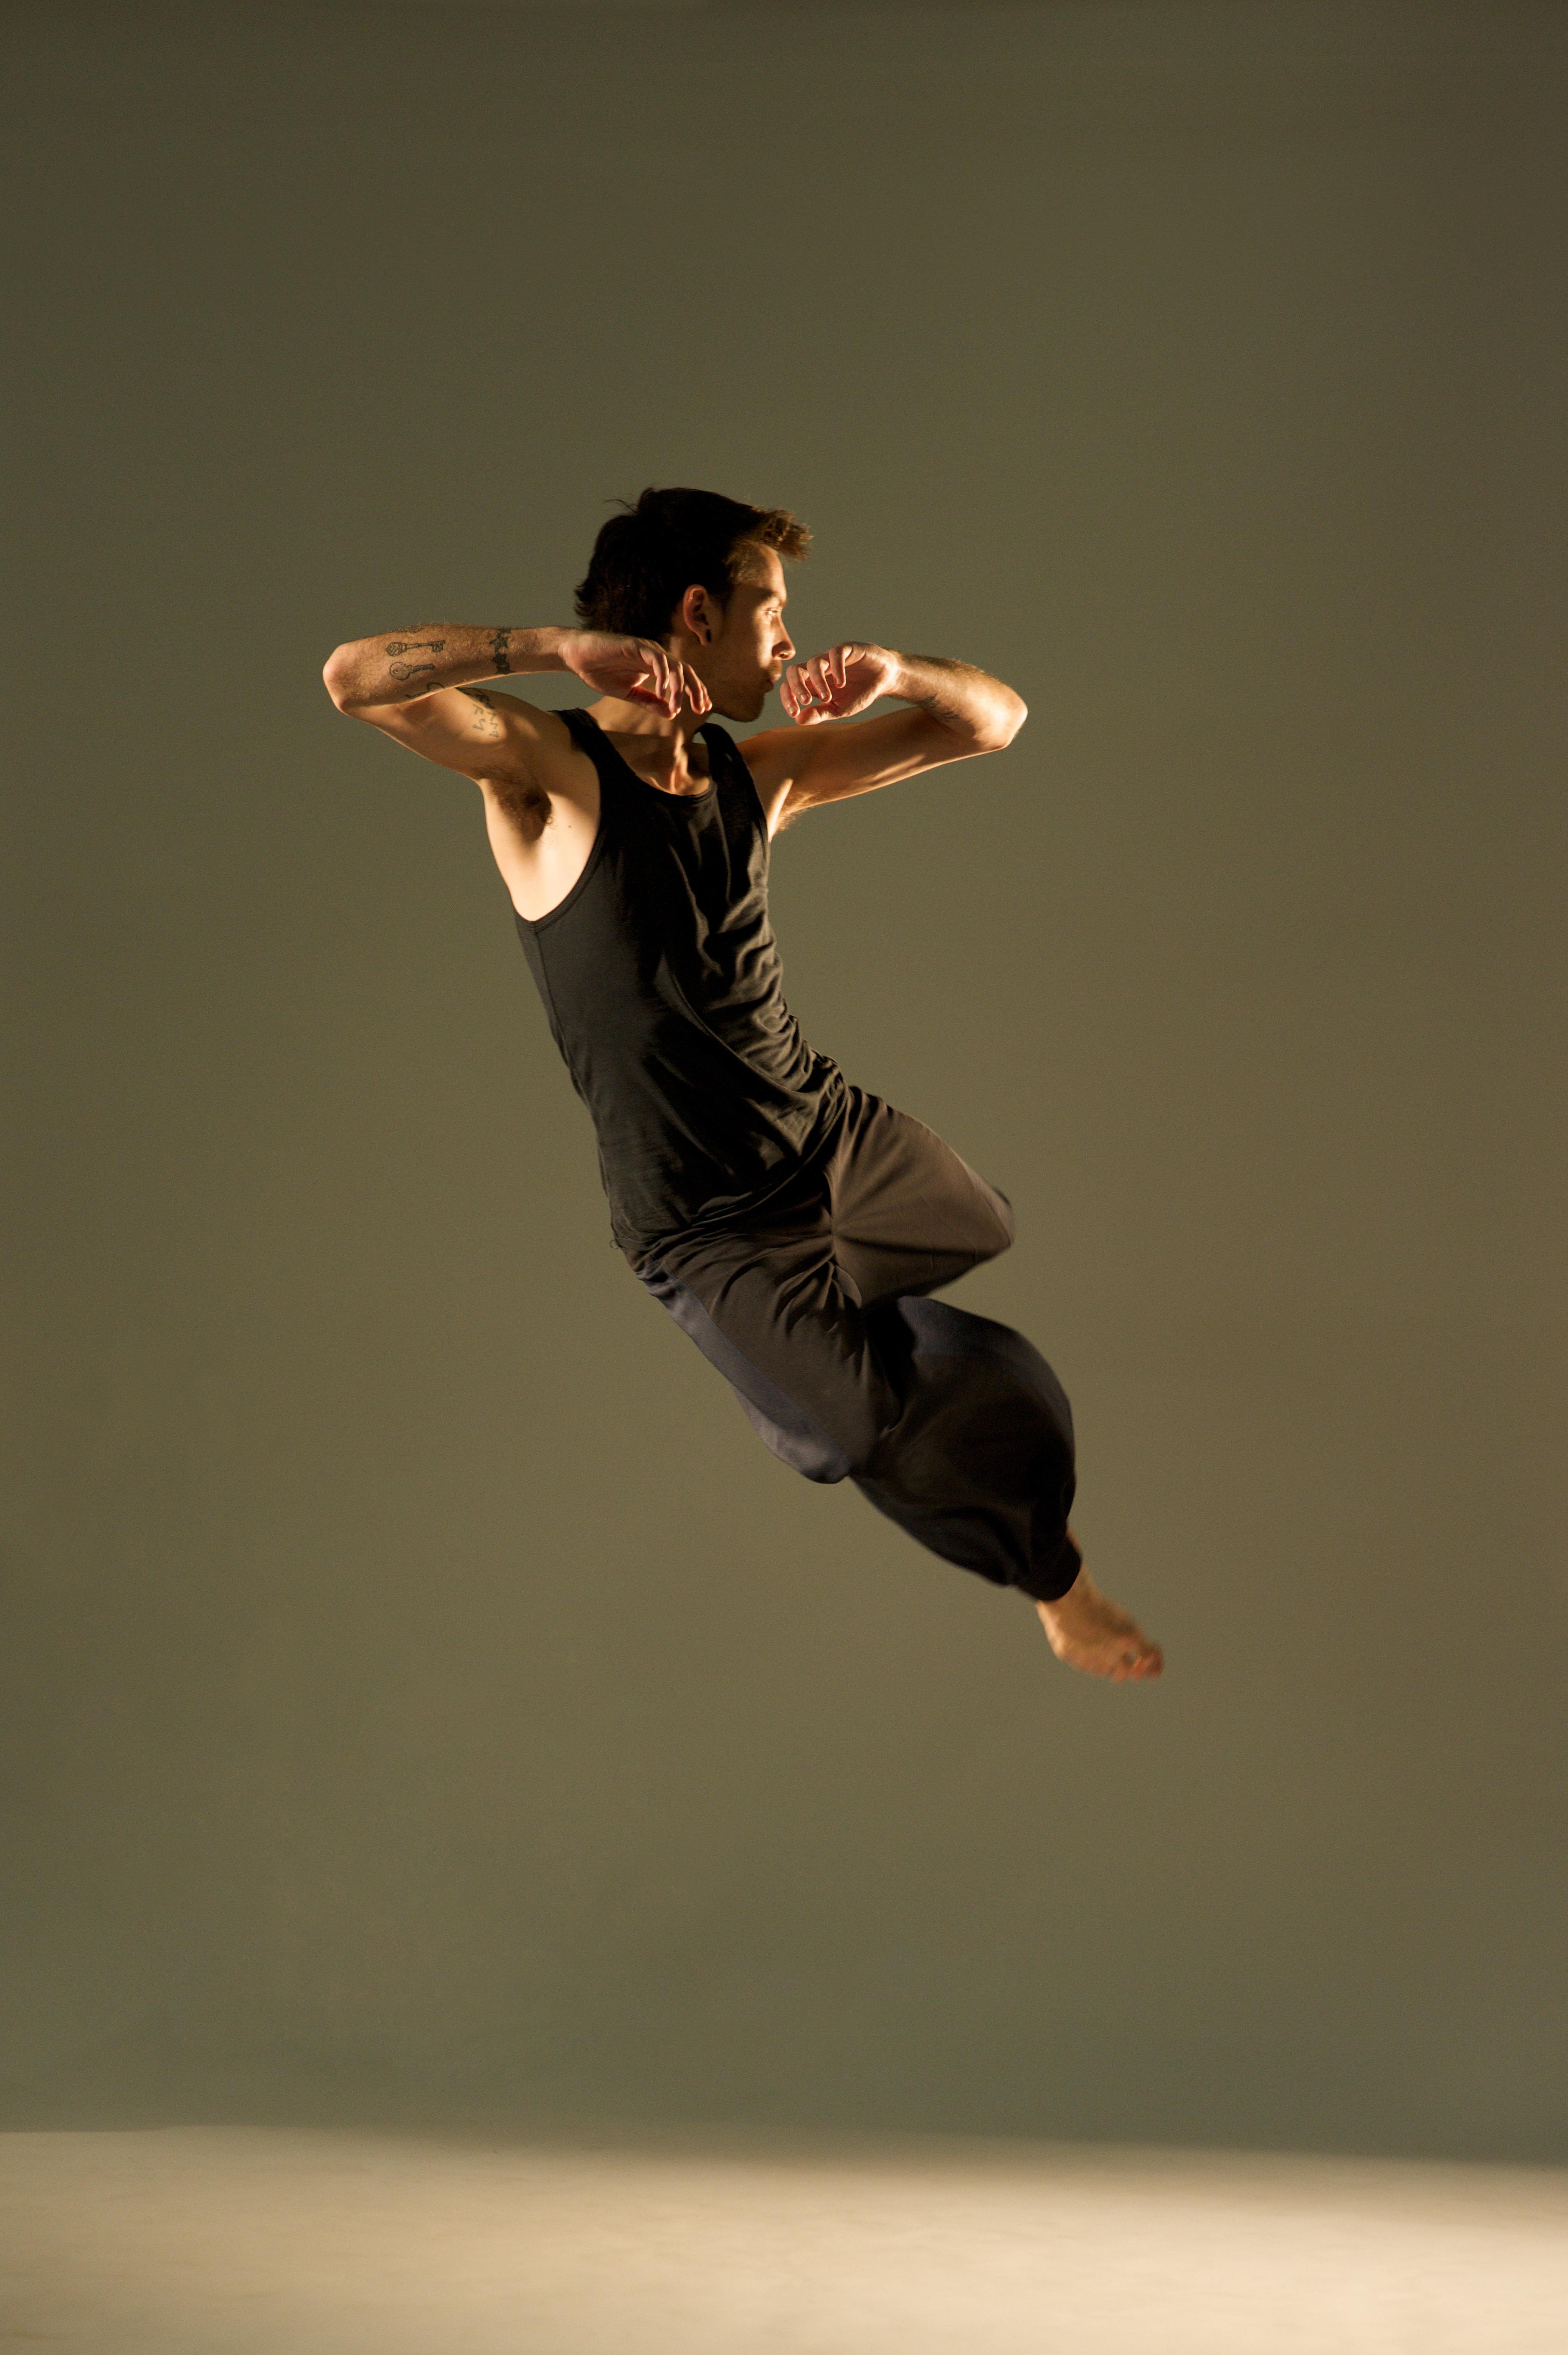 Weightless - dancer Luke Birch